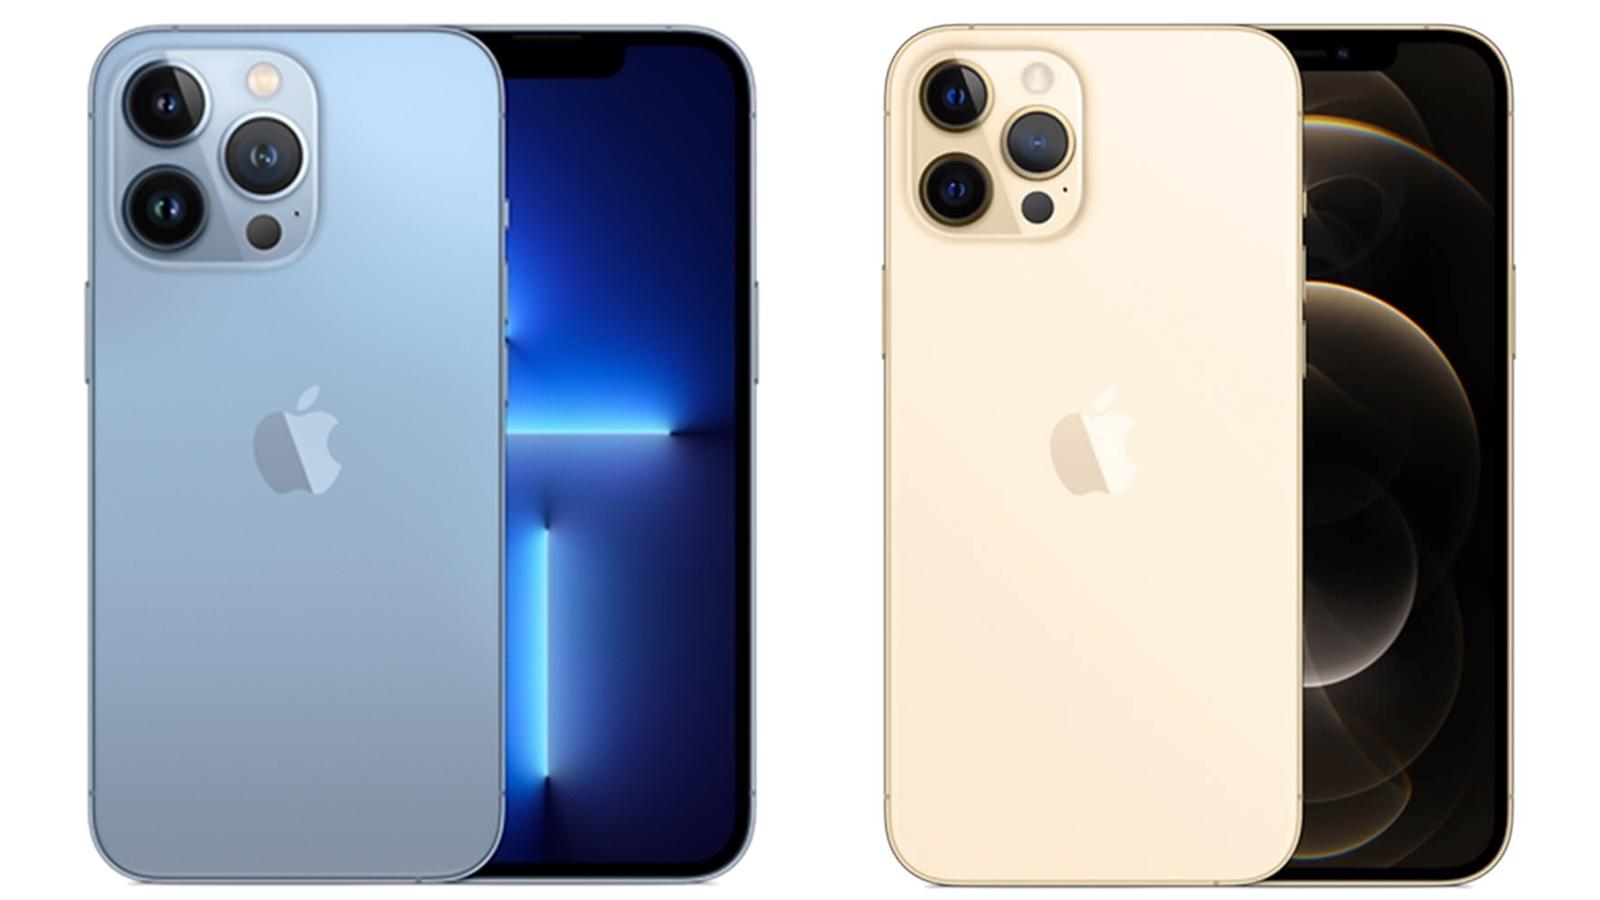 【機型比較】iPhone 13 Pro Max、12 Pro Max選哪台比較好?規格功能/評價比較!哪裡買最便宜?